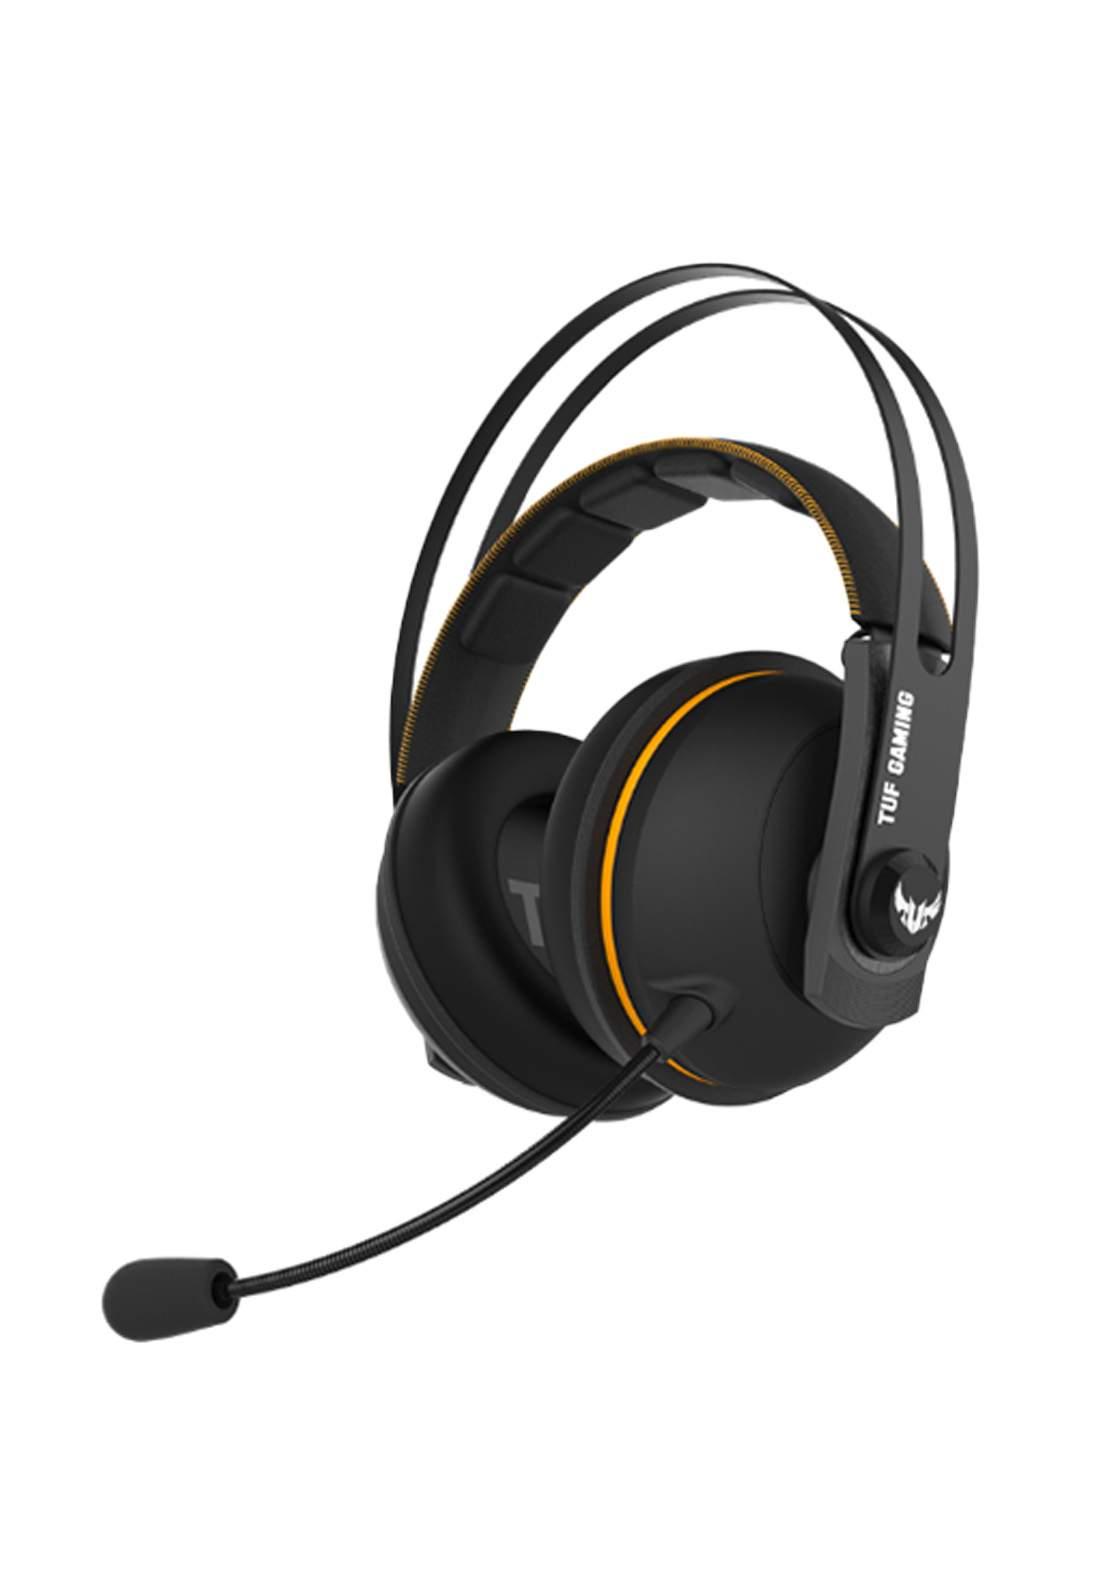 TUF Gaming H7 Wireless Gaming Headphone - Black سماعة